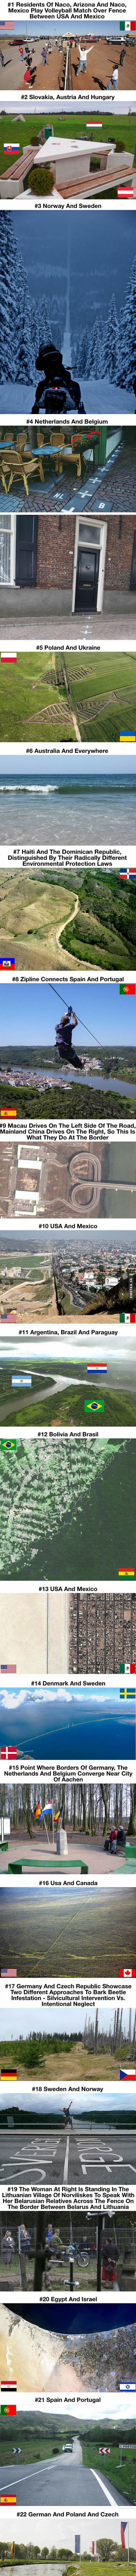 Hranice mezi různými státy světa